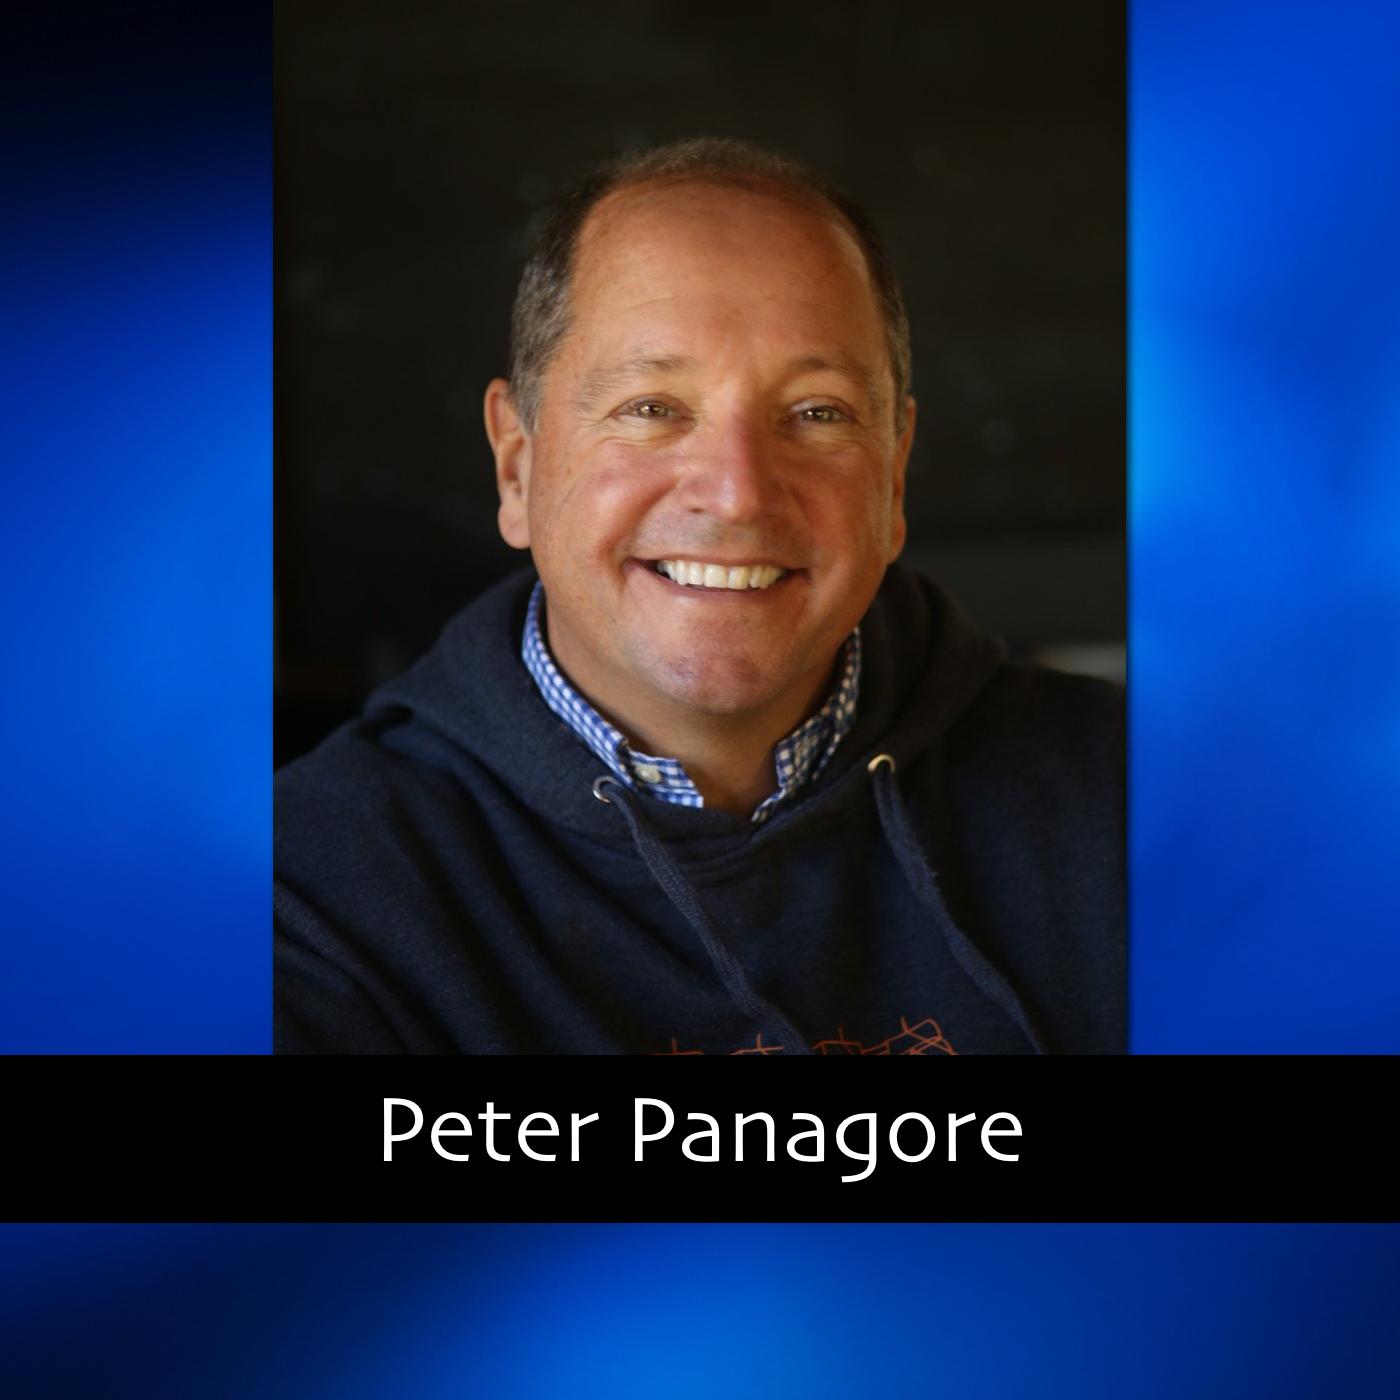 Peter Panagore thumb.jpg